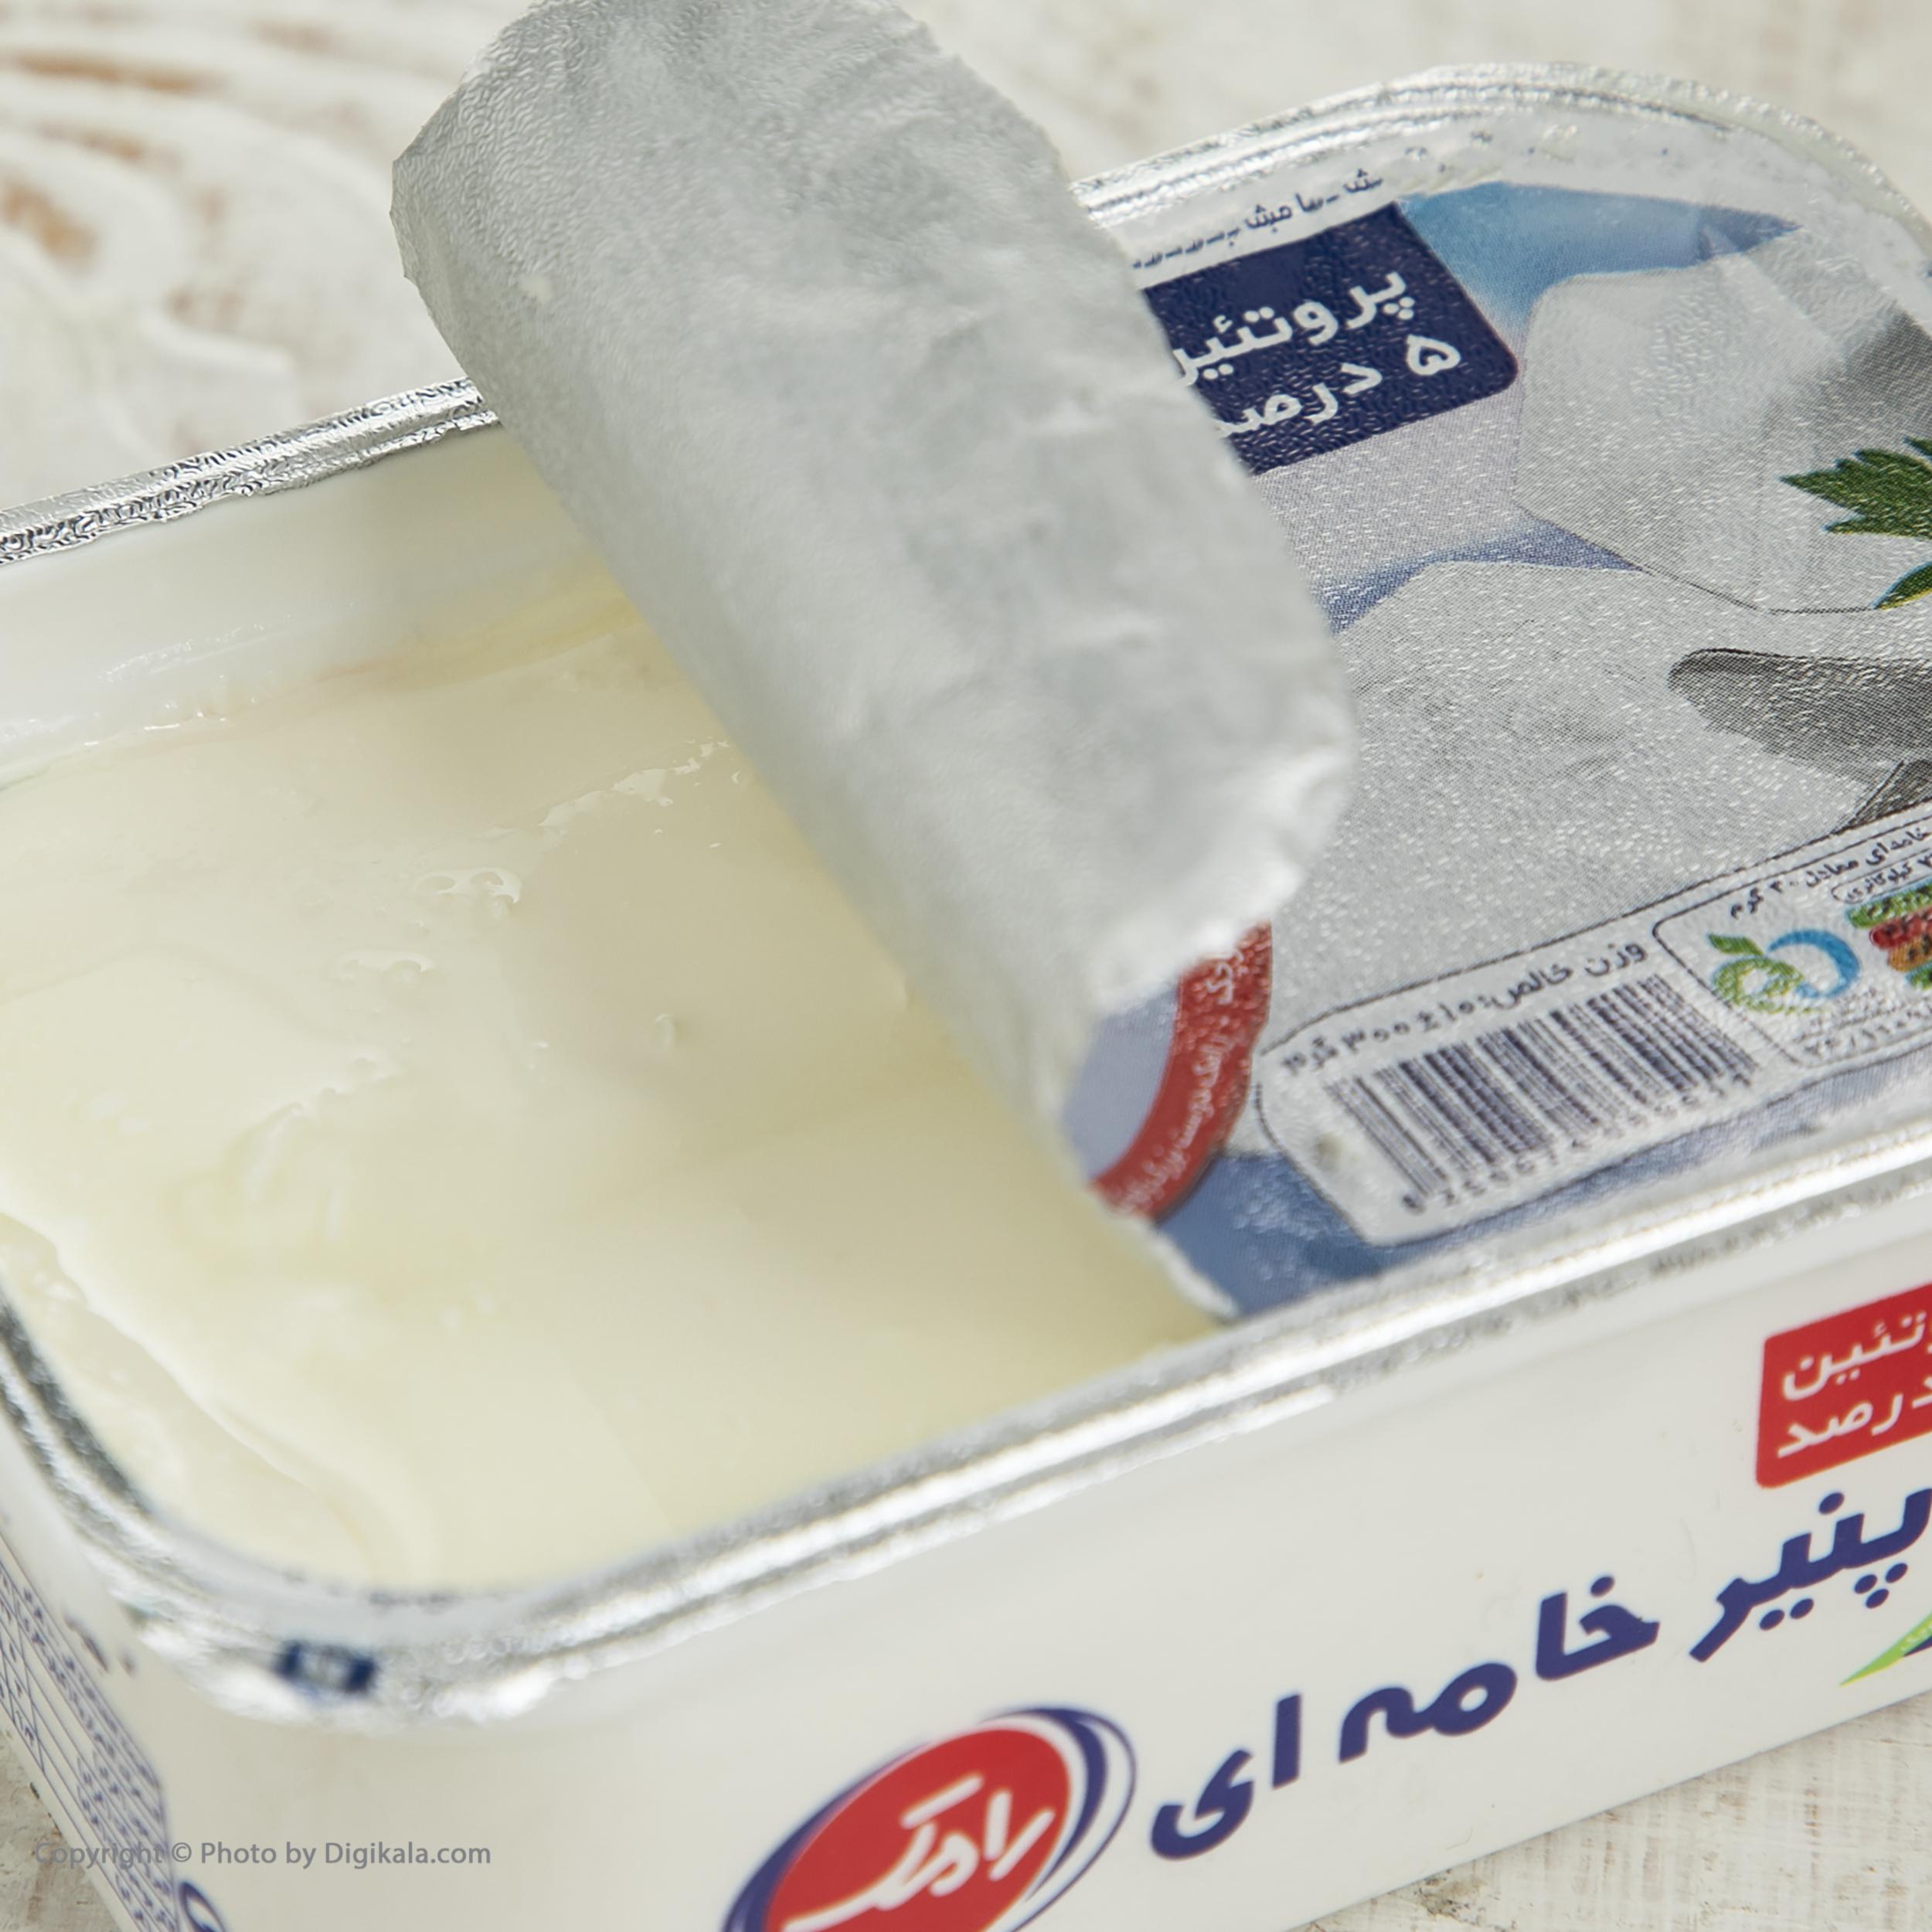 پنیر خامه ای رامک وزن 300 گرم main 1 5